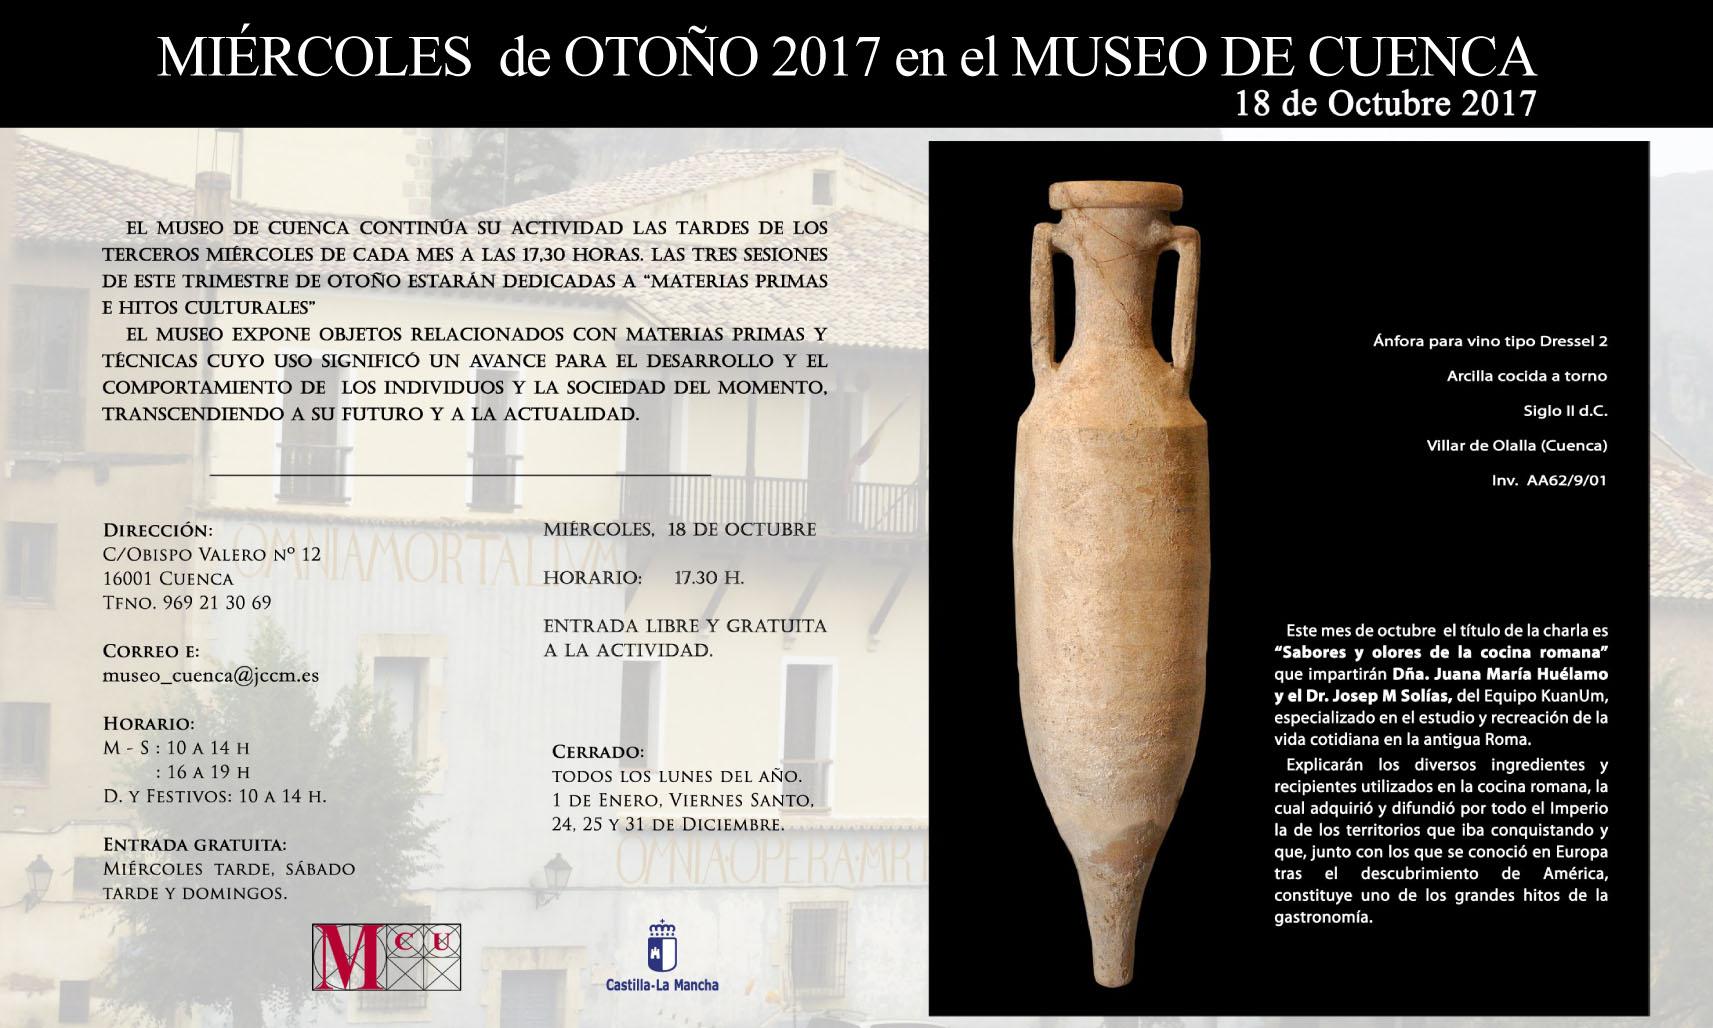 Imagen de la actividad MIÉRCOLES DE OTOÑO EN EL MUSEO DE CUENCA. 18 DE OCTUBRE DE 2017